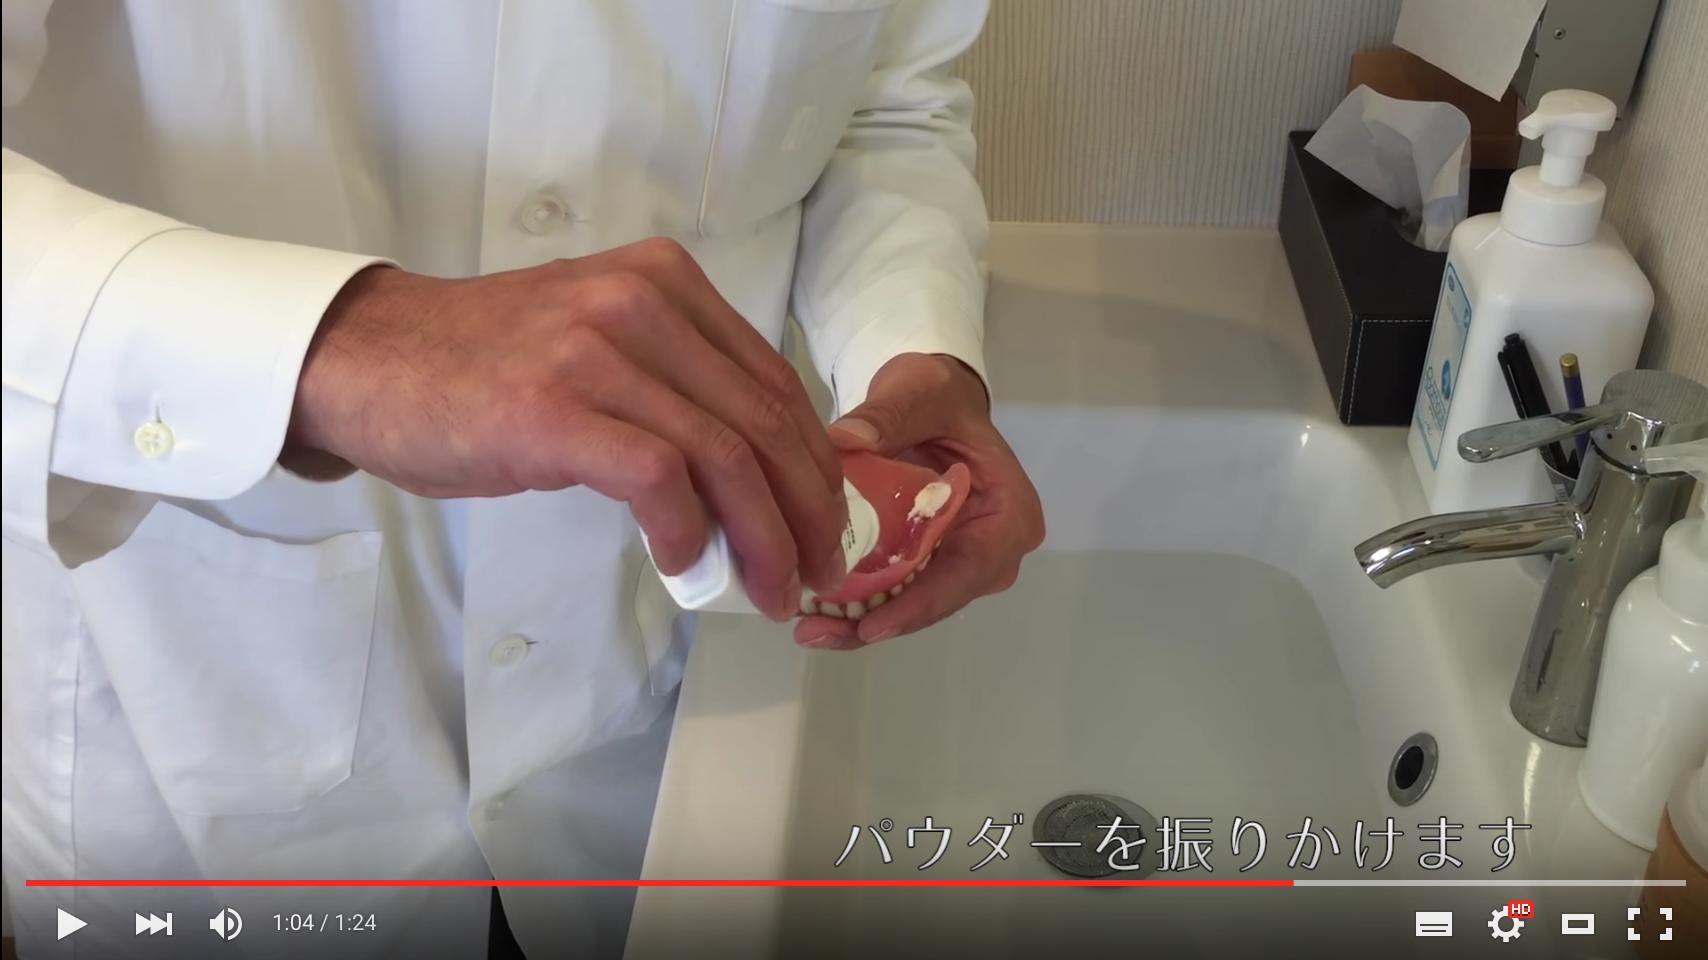 パウダータイプの入れ歯安定剤の使い方